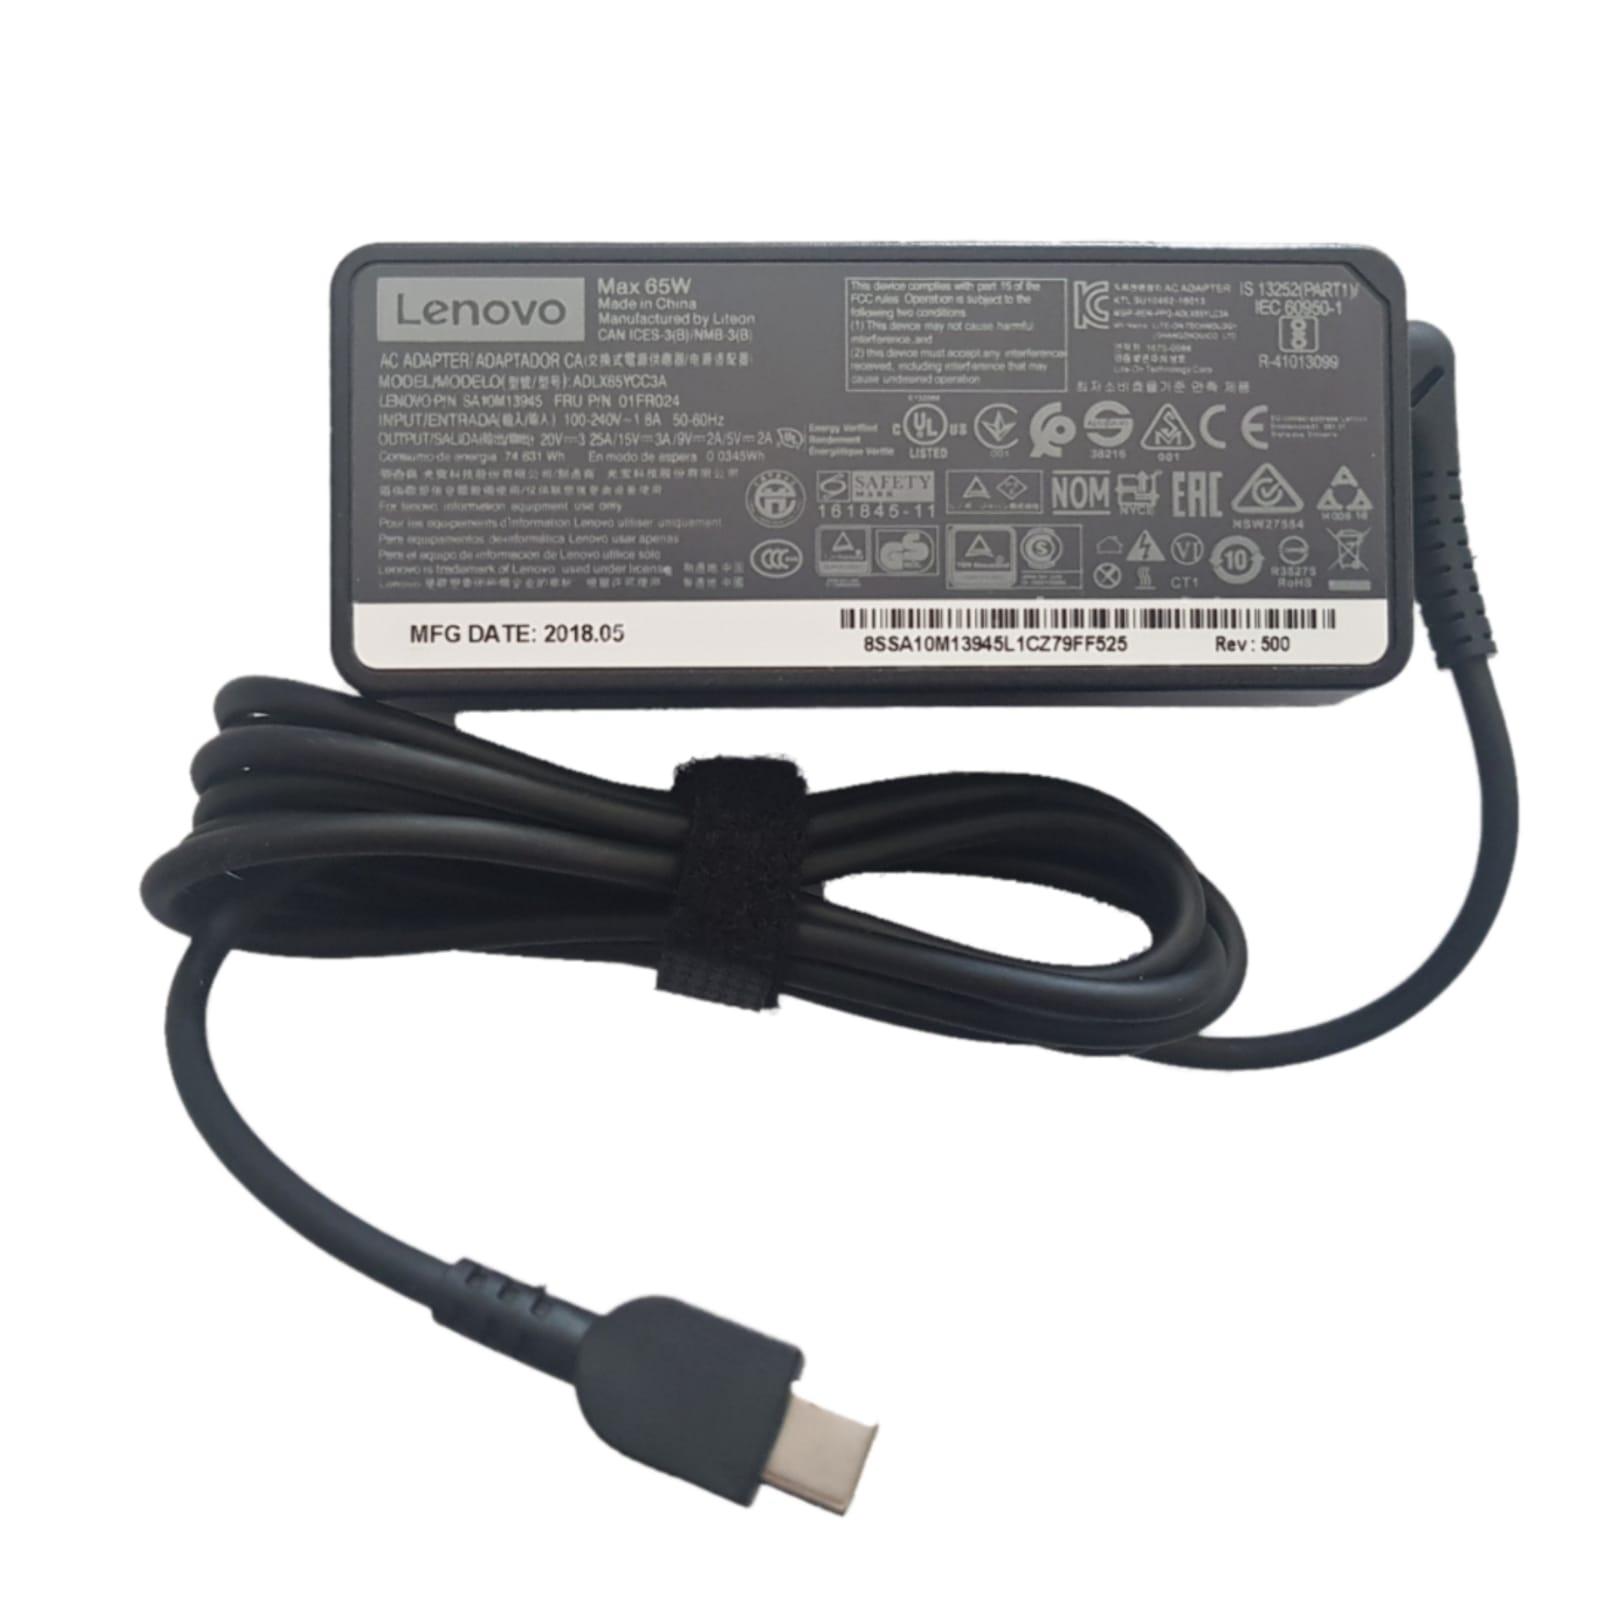 מטען למחשב לנובו Lenovo ThinkPad X270 20HN | אחריות יבואן רשמי